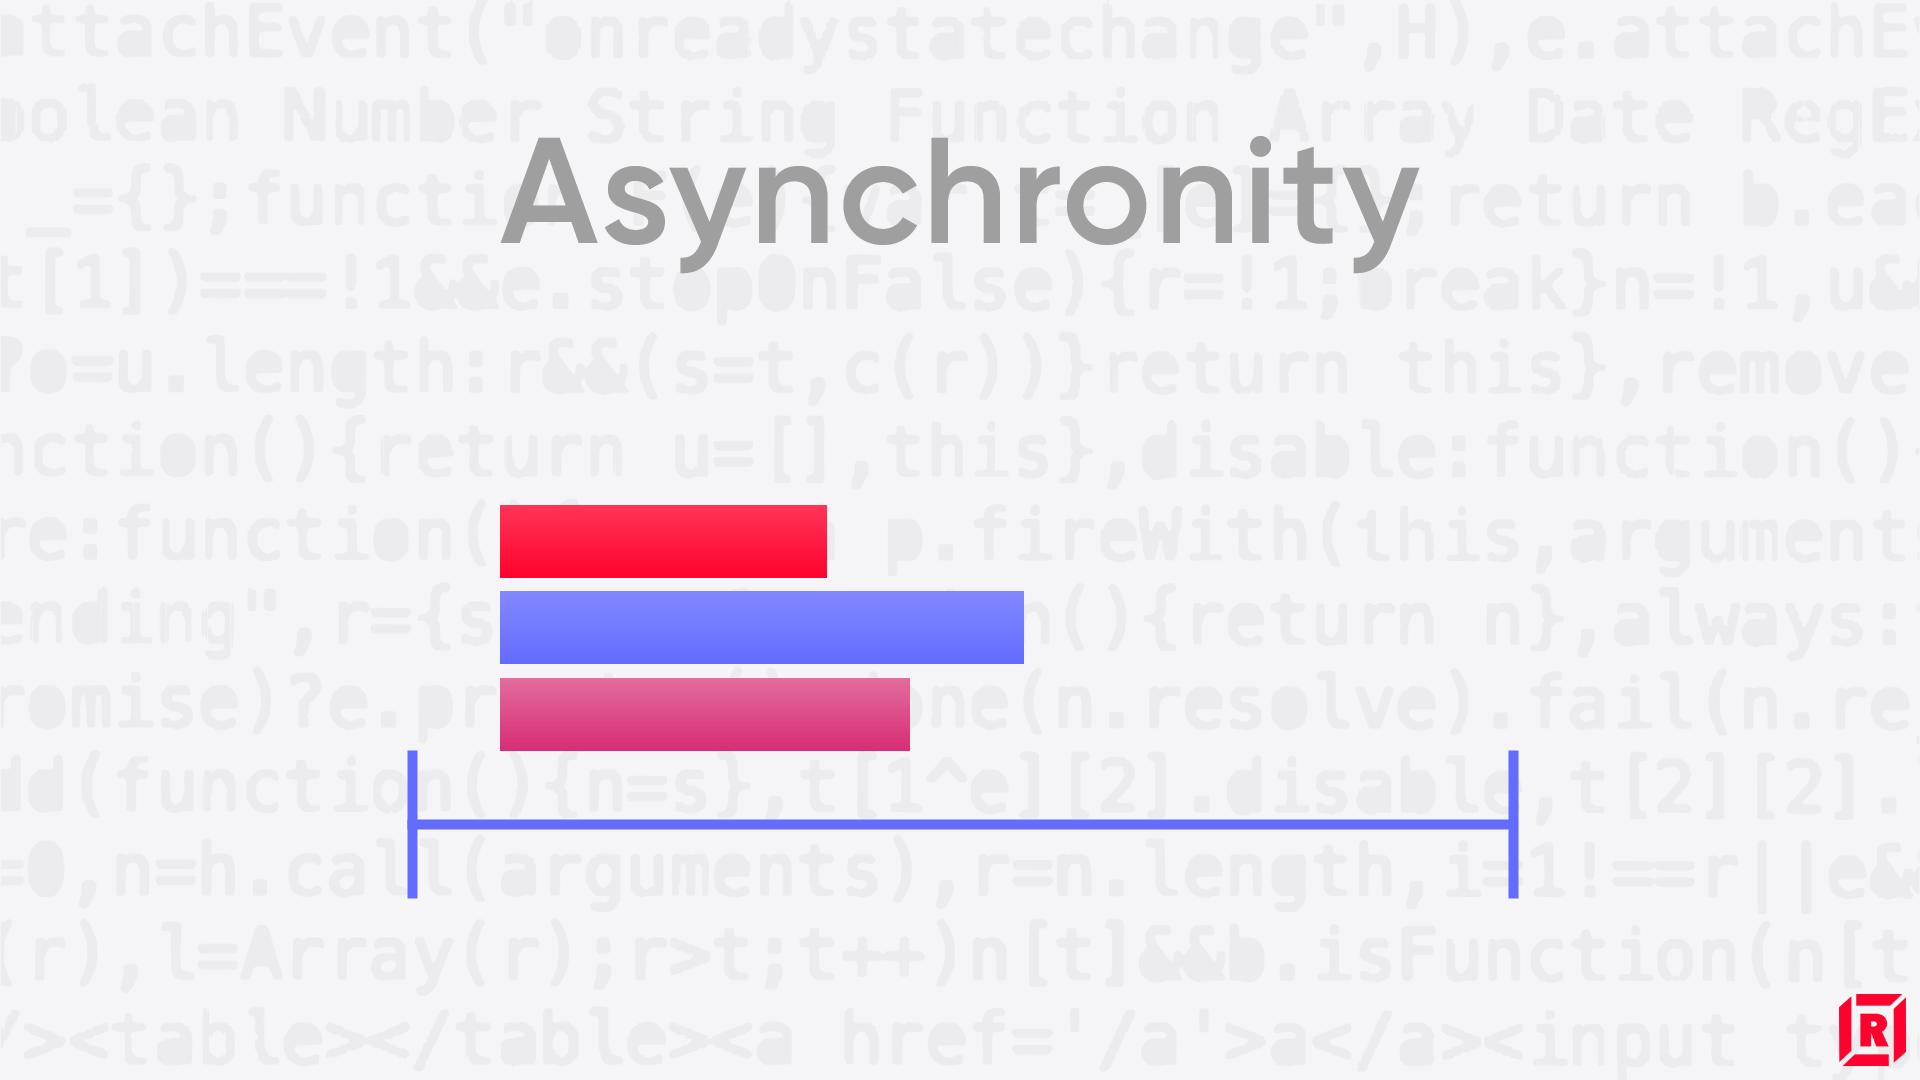 Asynchronity